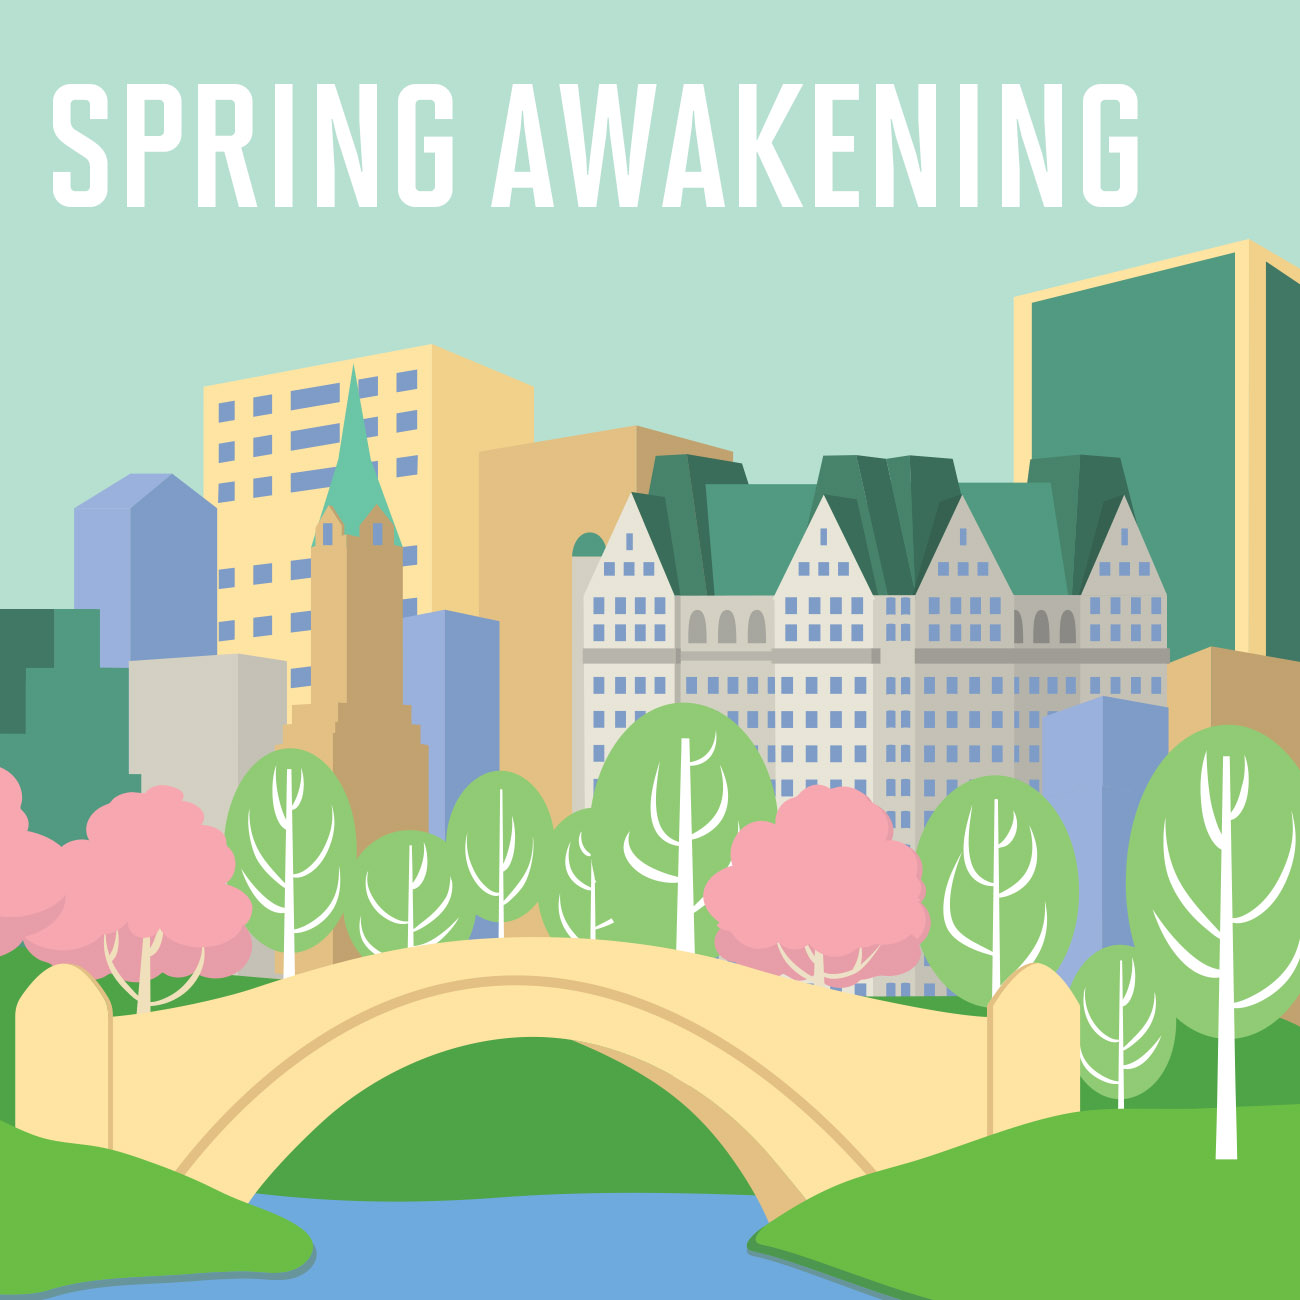 AC_SpringAwakening.jpg